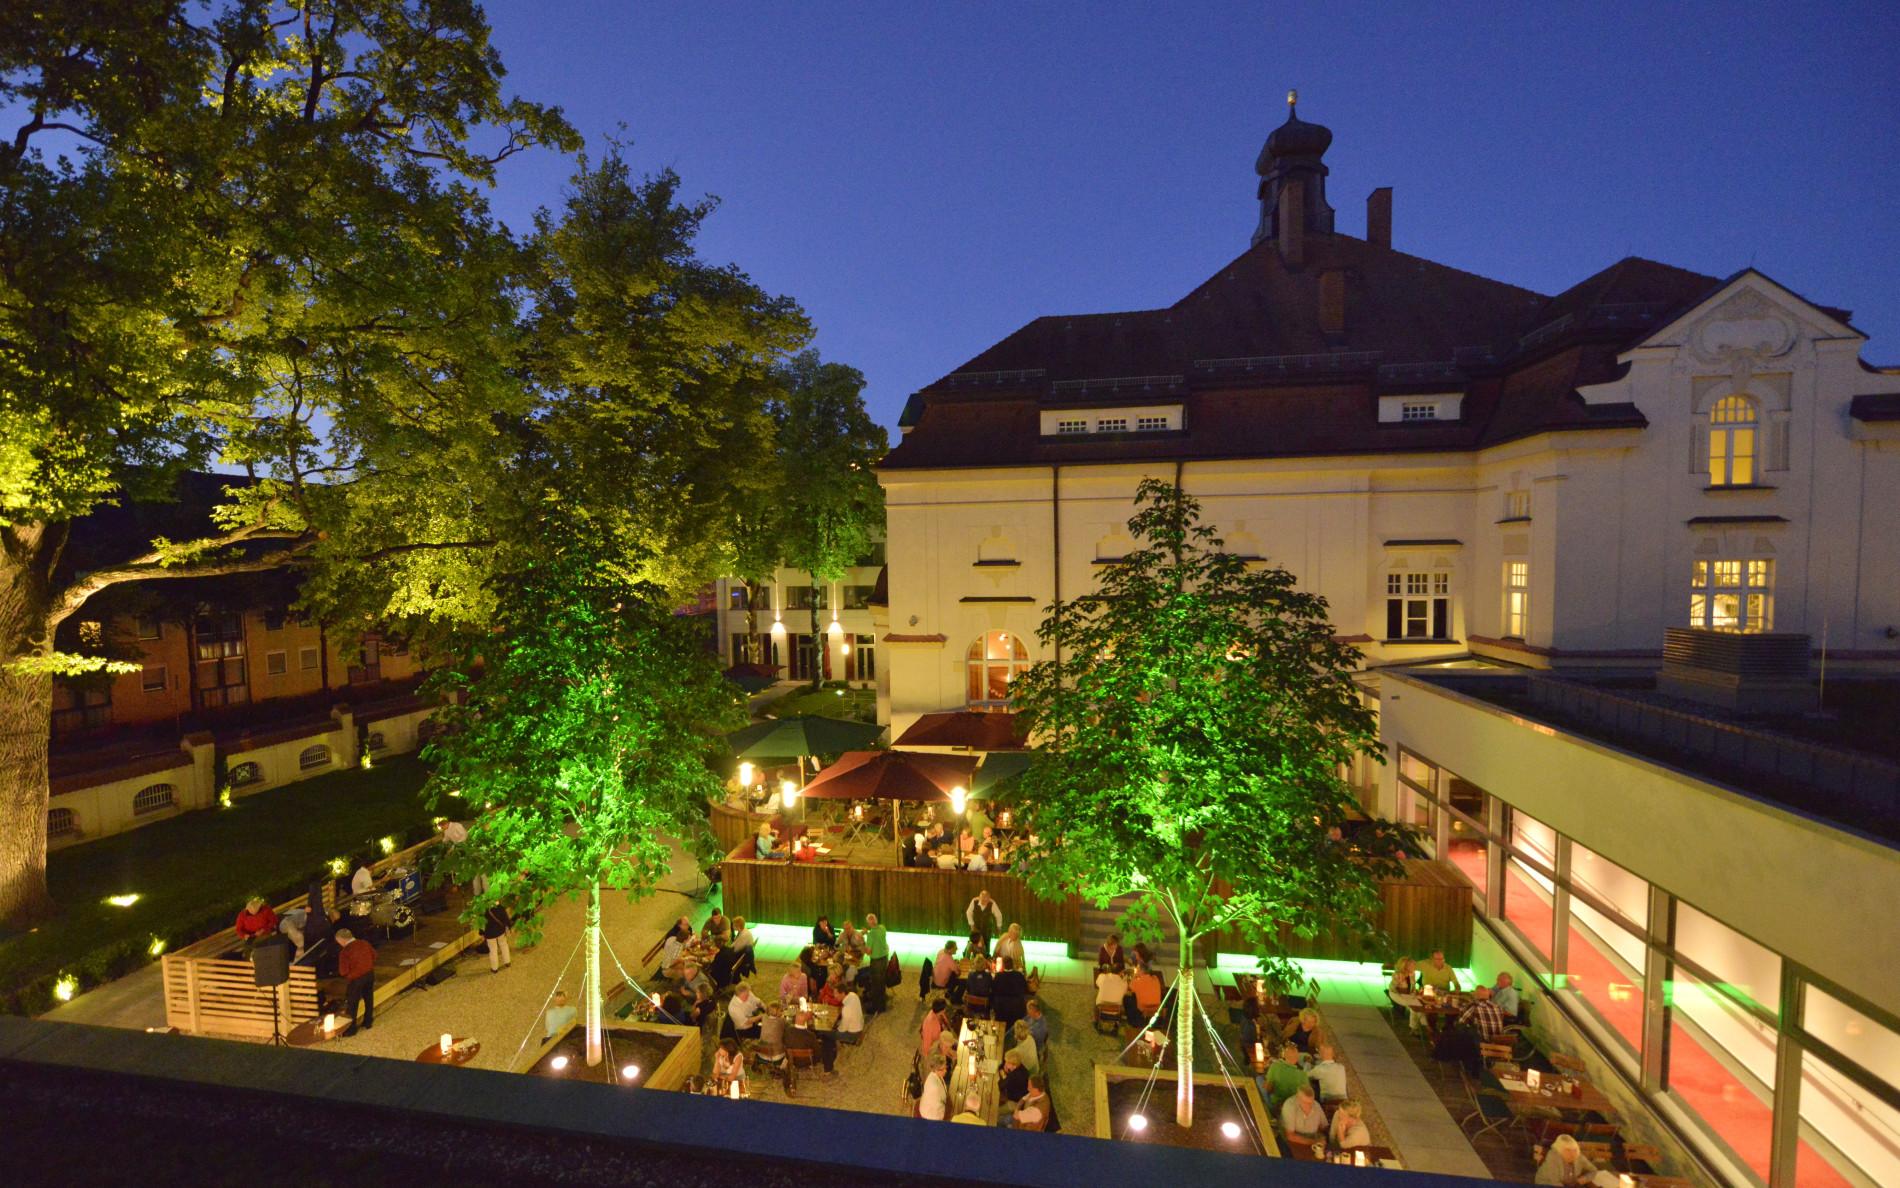 Gastgarten in Straubing